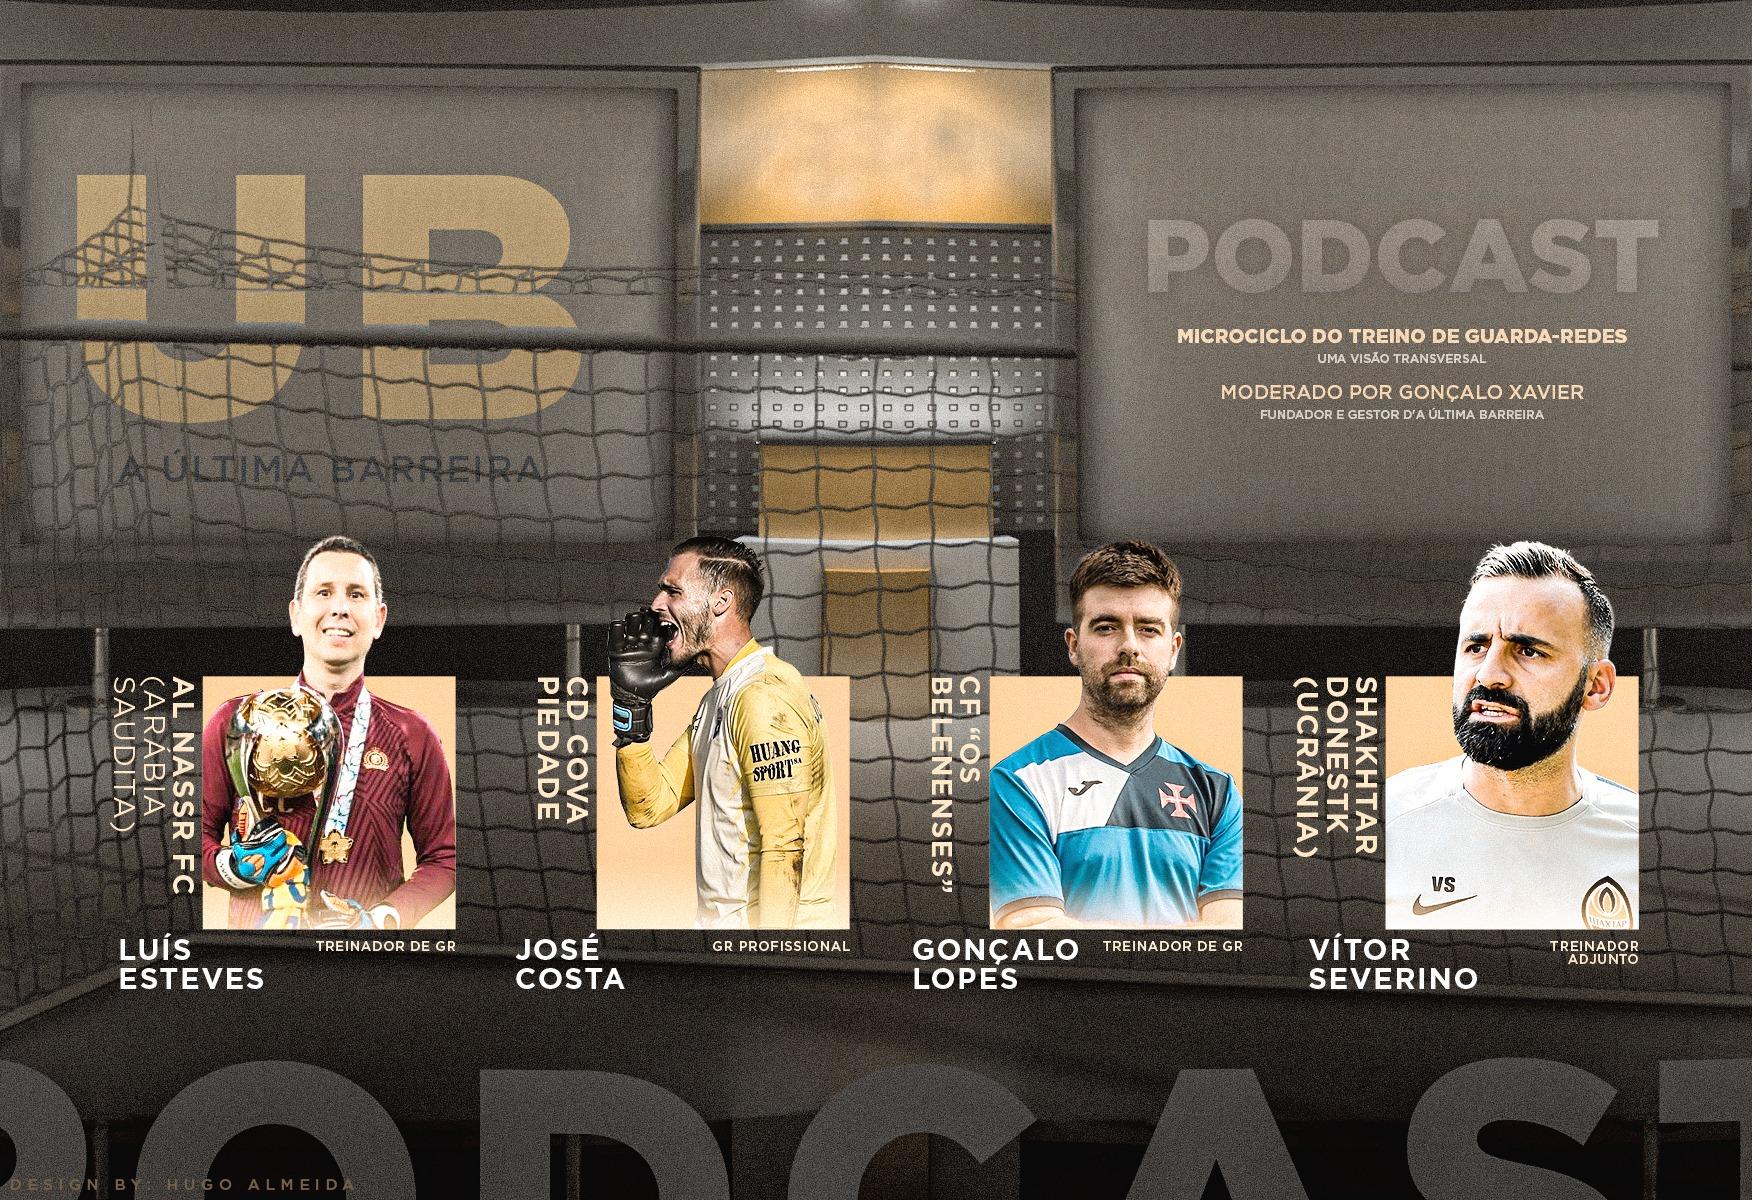 """8# Podcast A Última Barreira (Mesa Redonda): """"O microciclo do treino de guarda-redes – Visão transversal"""""""